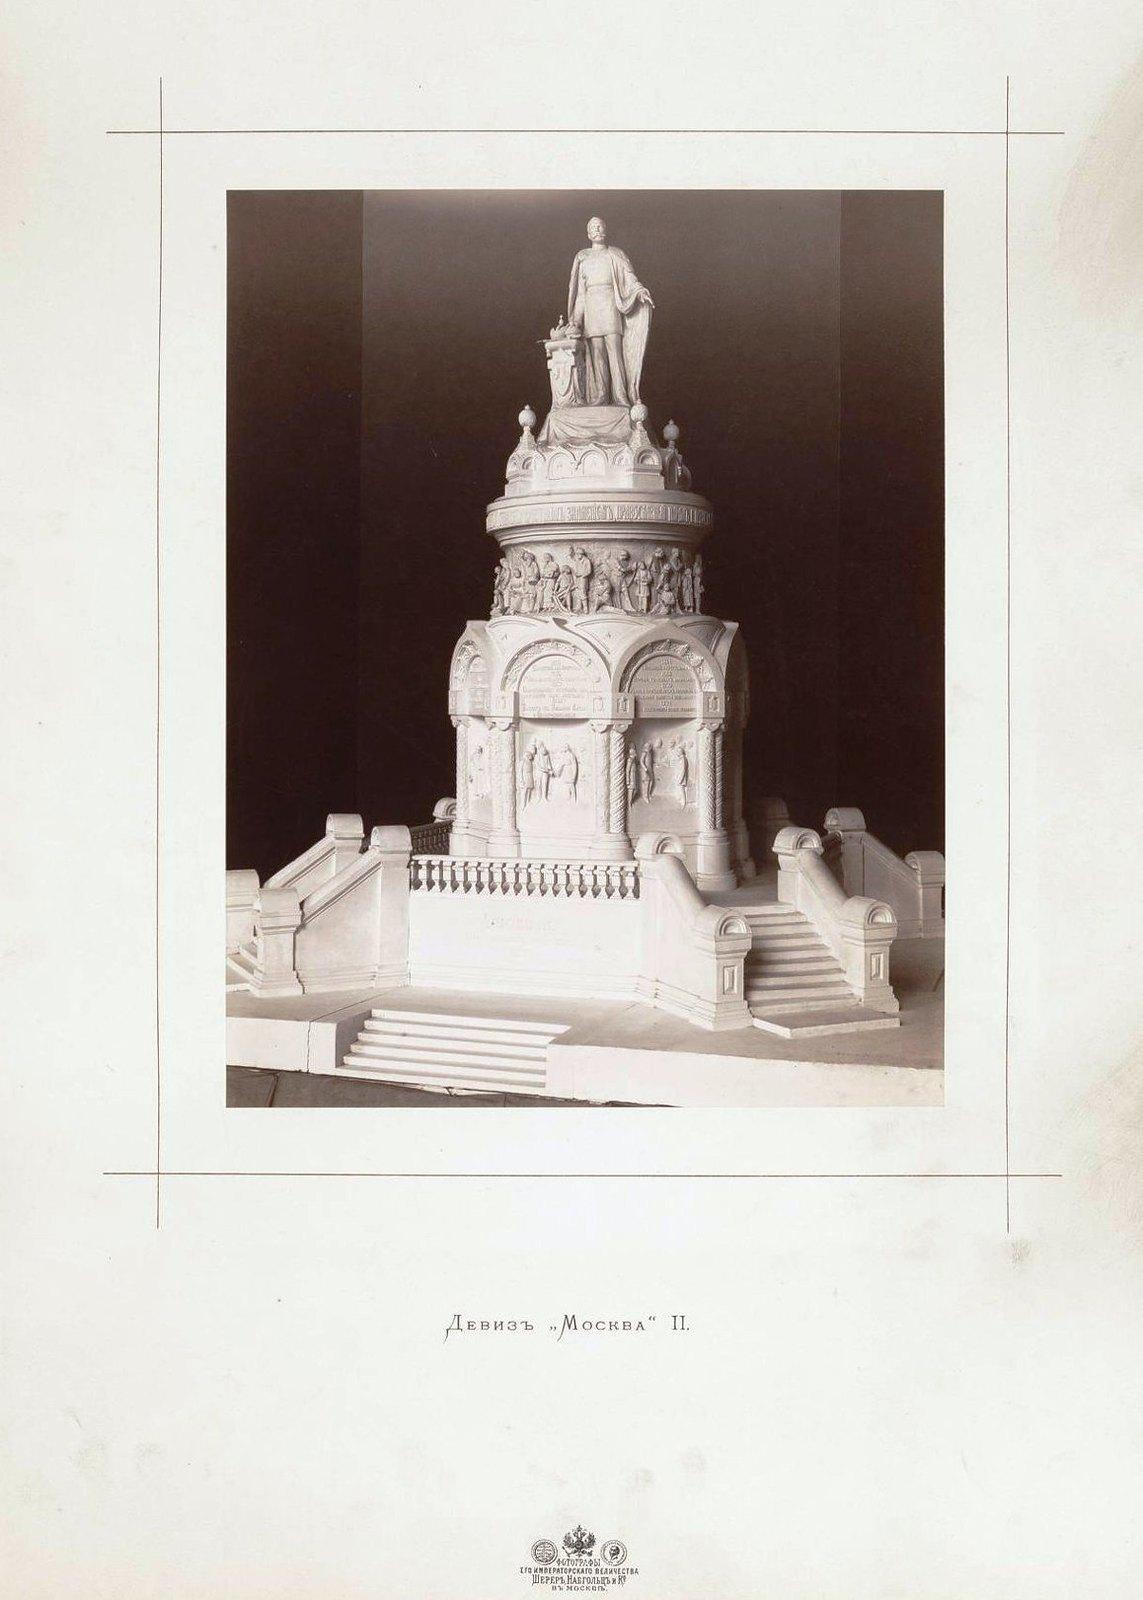 1884. Конкурсный проект памятника императору Александру II в Московском Кремле под девизом «Царю Освободителю»